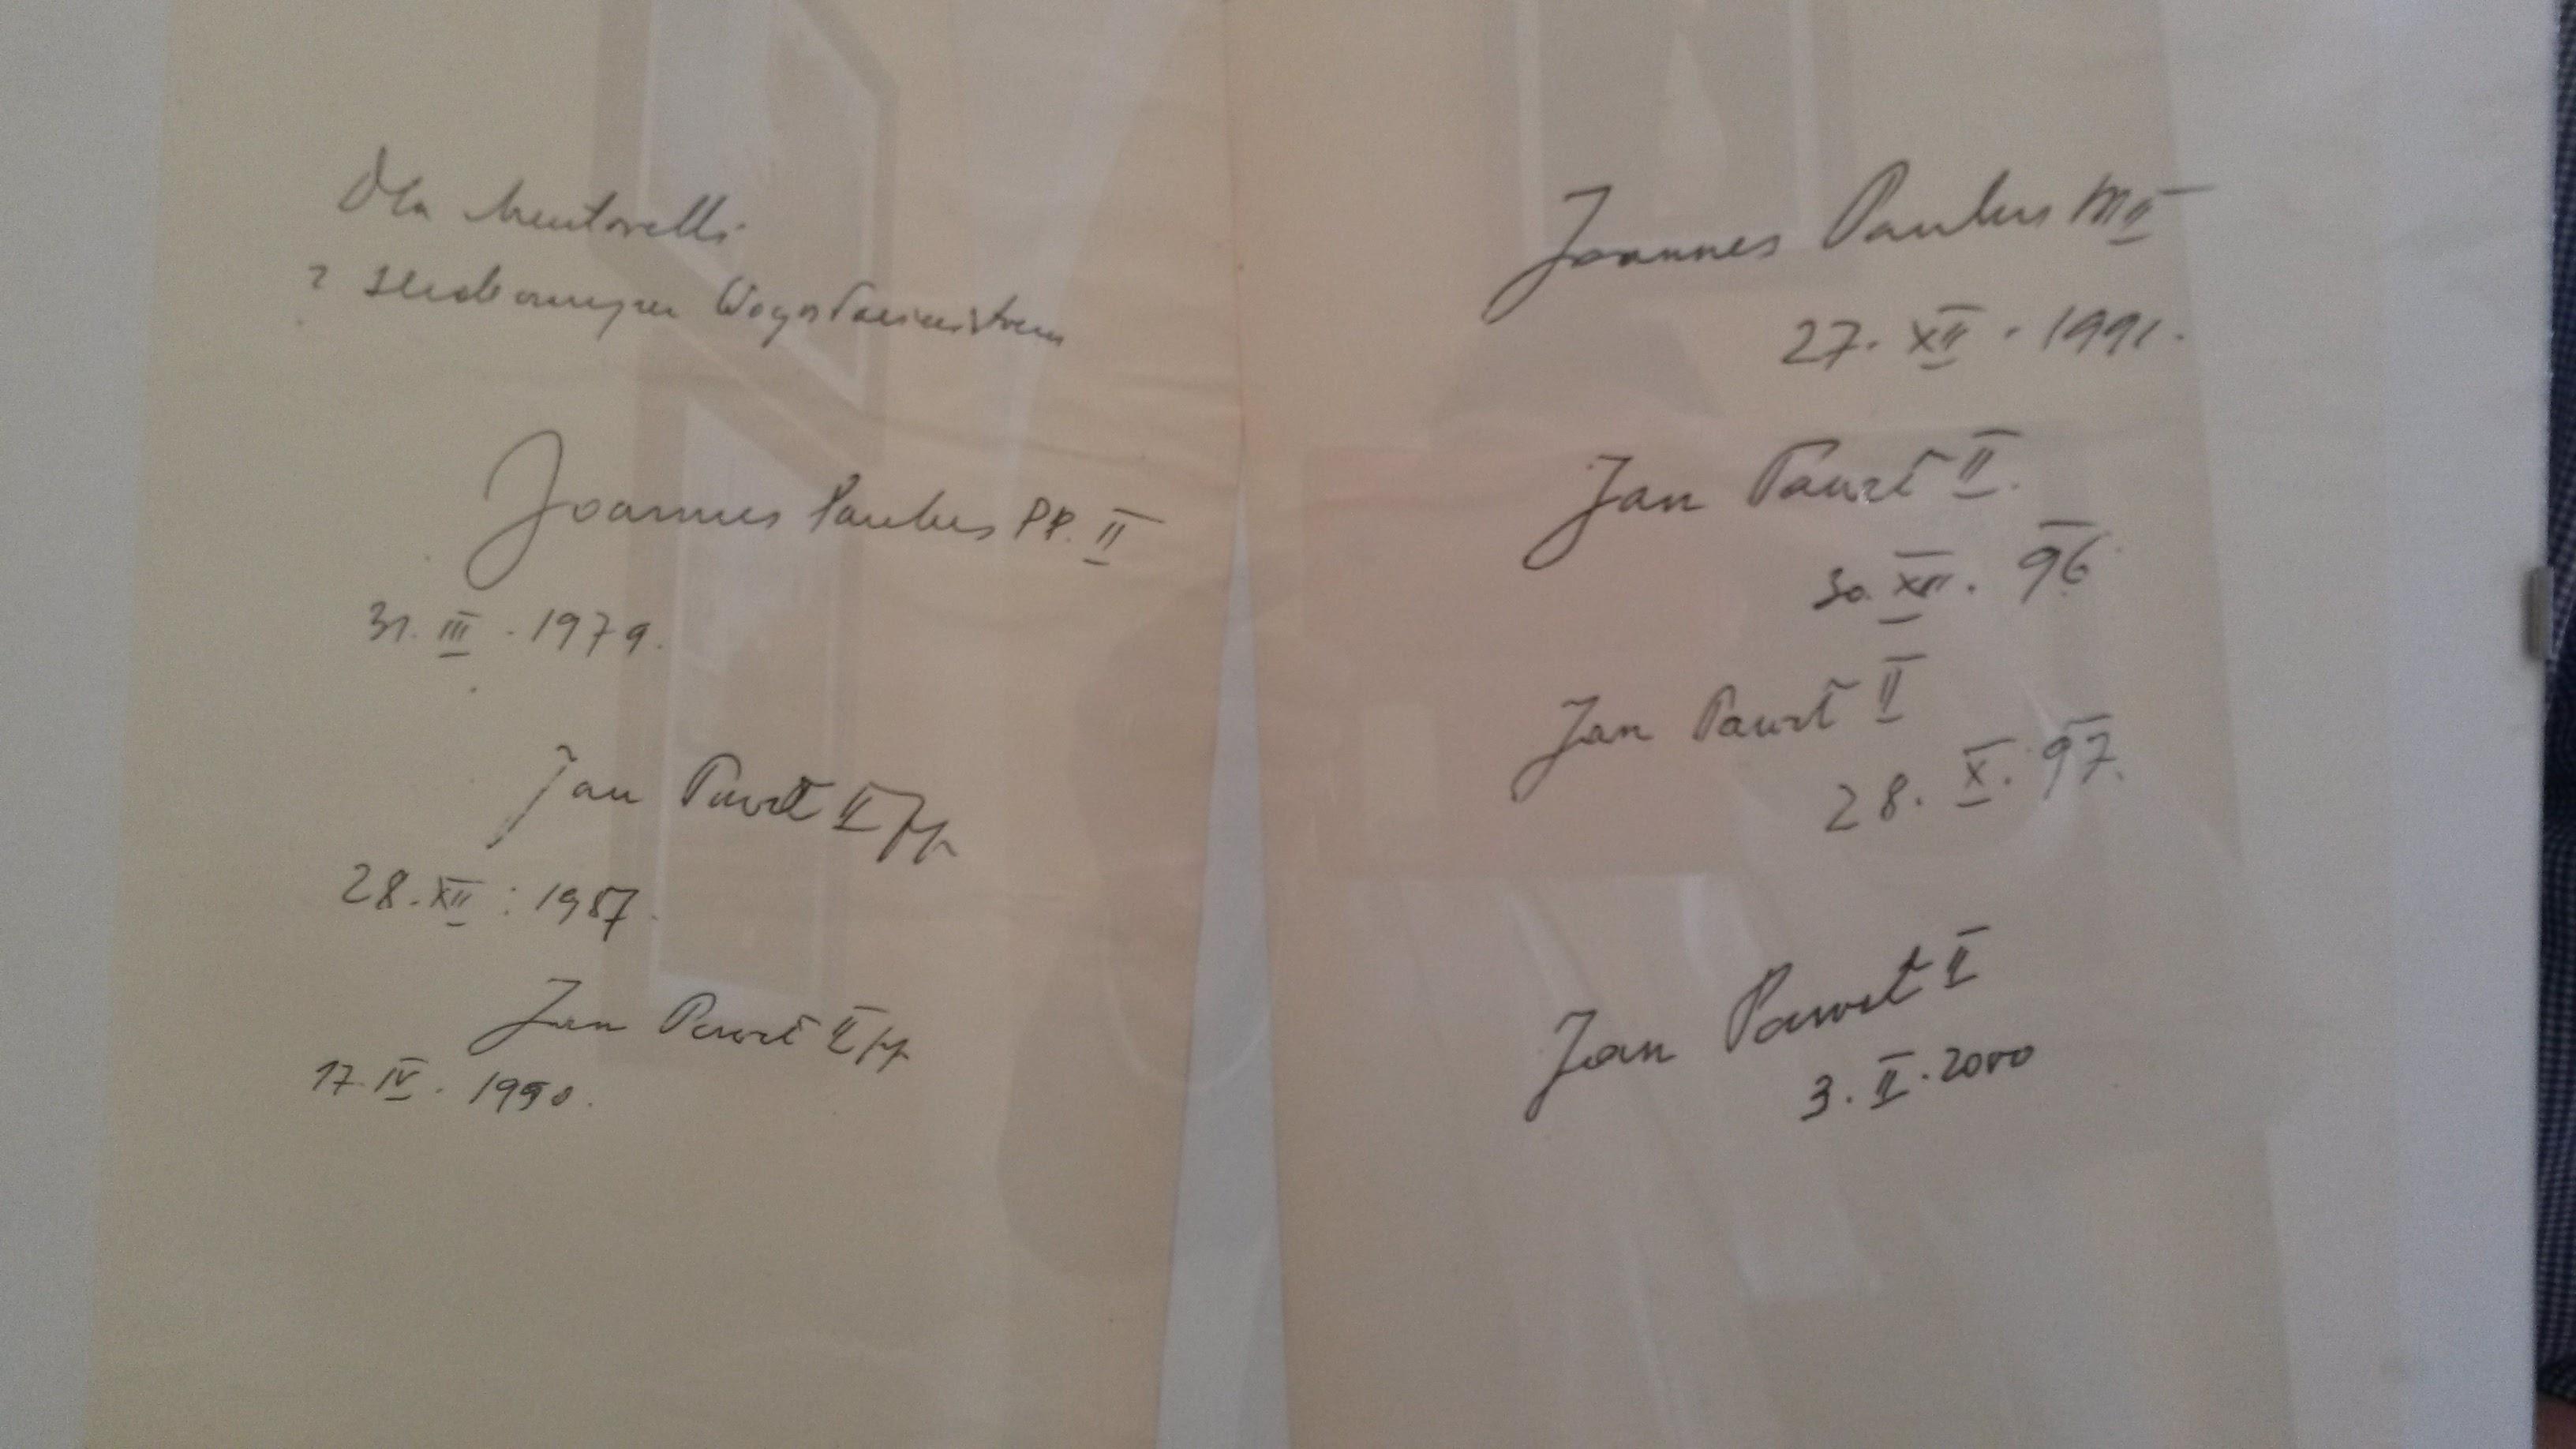 firme Giovanni Paolo II alla Mentorella